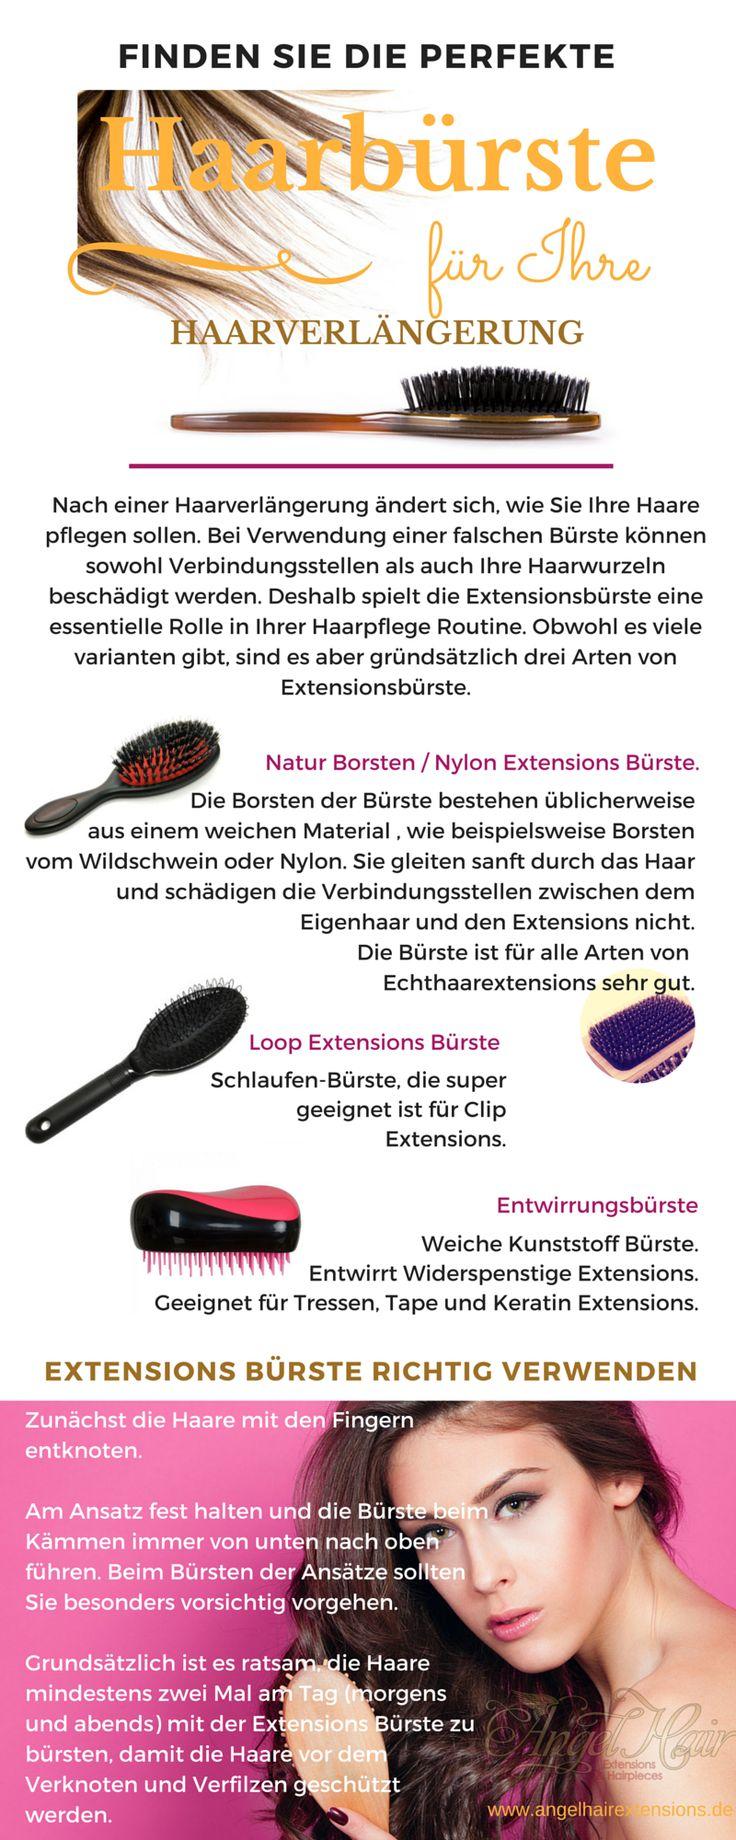 #www.angelhairextensions.de #infographic #extensionsbürste #luxury  #Einfache #Pflegetipps für #Echthaar #sewin  #Hair #weave  #how to care for my weave #Haarverlängerung #Angel #Hair #Extensions #Tressen #was ist #weaving #sew-in